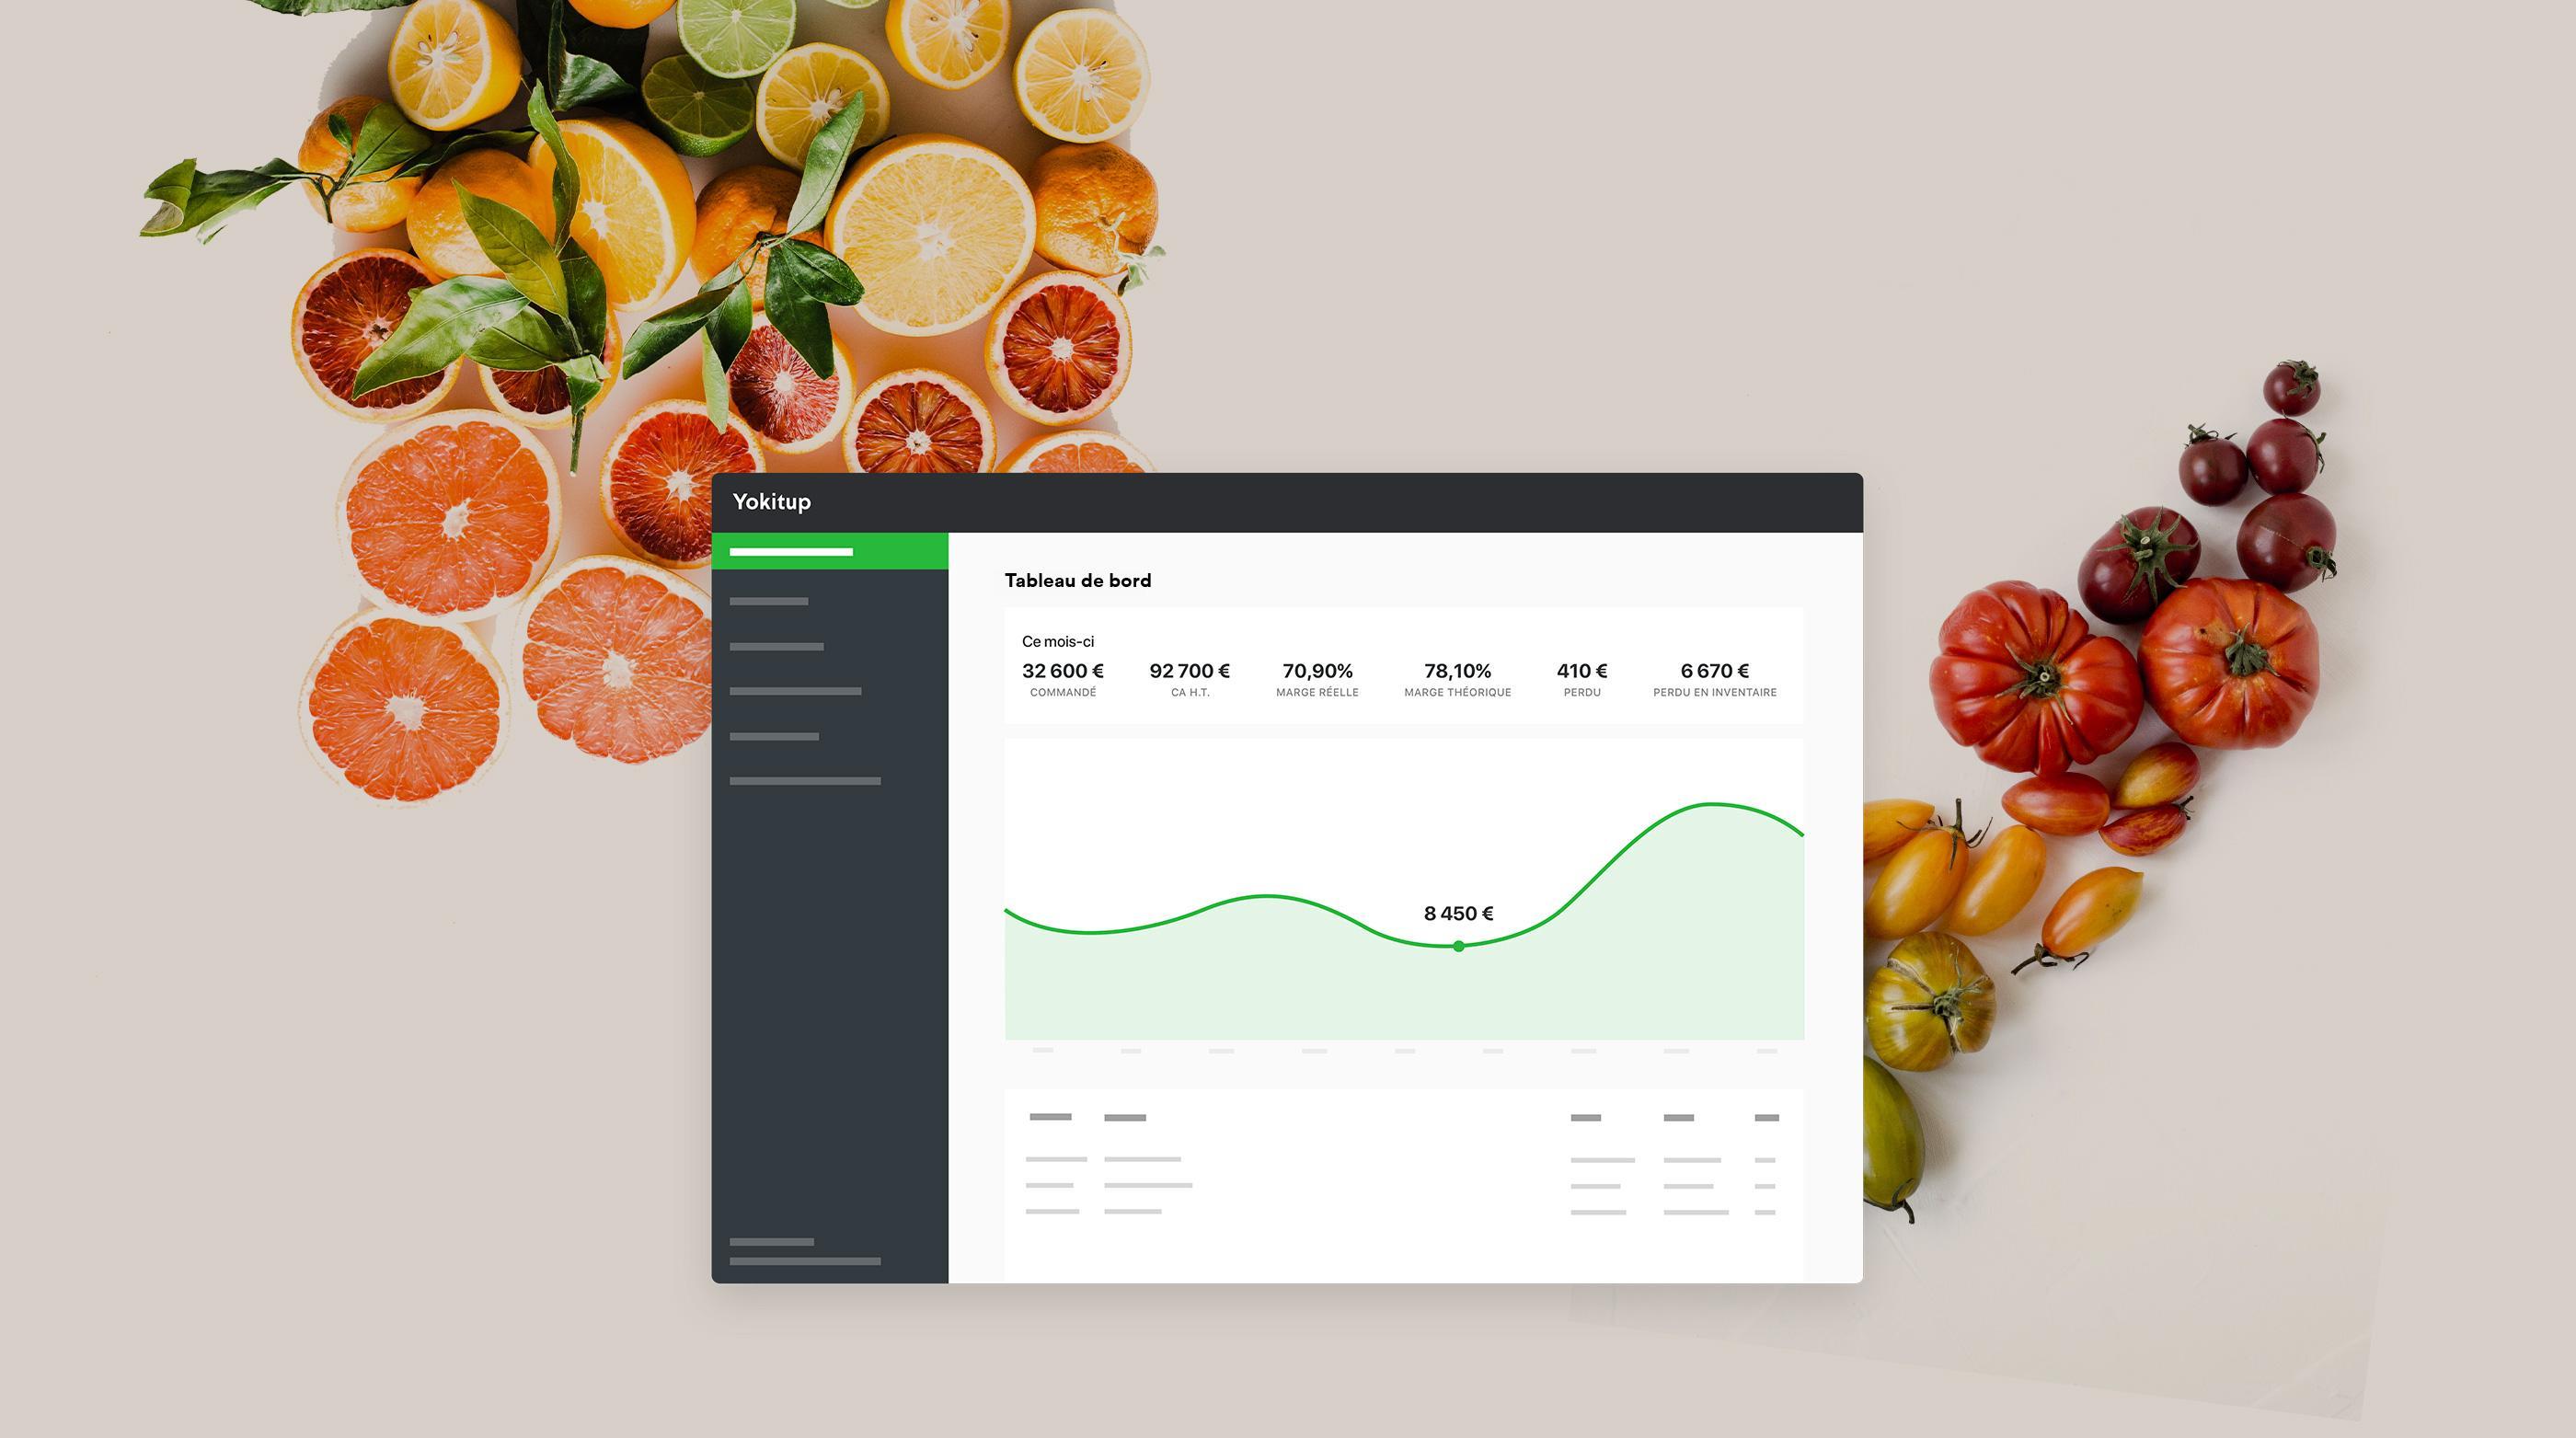 Avis Yokitup : Reprenez le contrôle sur la gestion de vos restaurants - appvizer